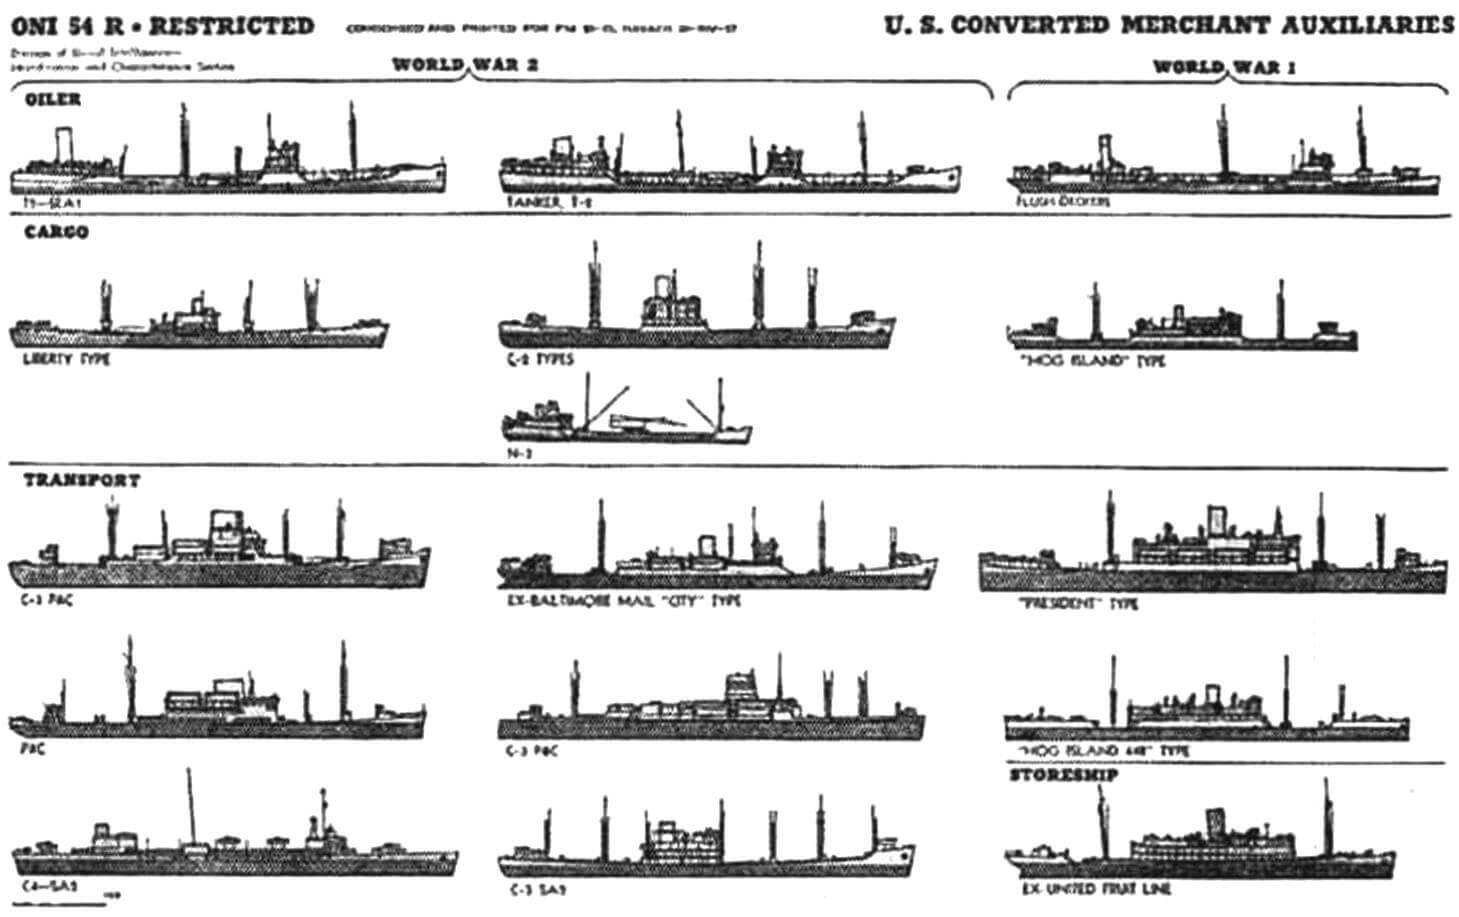 Иллюстрация из справочника «United States Naval Vessels» (1944) с изображениями транспортных судов флота США. Пароходы тина «Либерти» выглядят не слишком внушительно, но именно они в голы войны обеспечили 3/4 перевозок американских поенных грузов